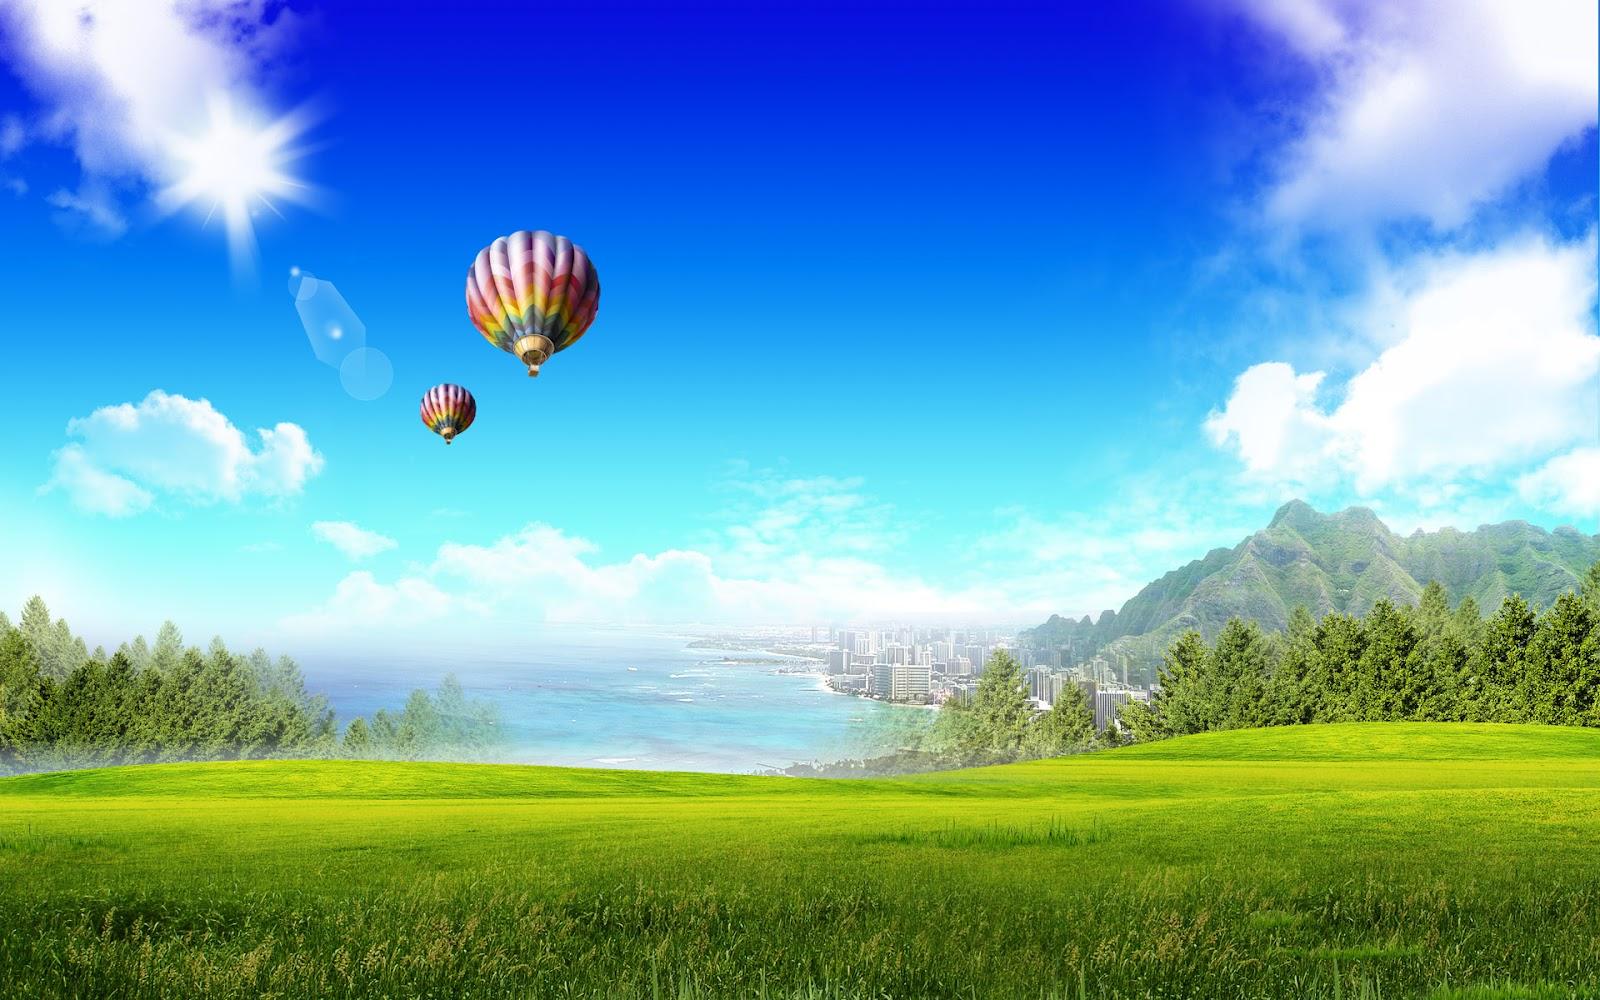 http://4.bp.blogspot.com/-LHaIpYhv3-E/T3FleuD4X4I/AAAAAAAABPk/NHILqtRqK5E/s1600/City-Fantasy-Wallpaper.jpg